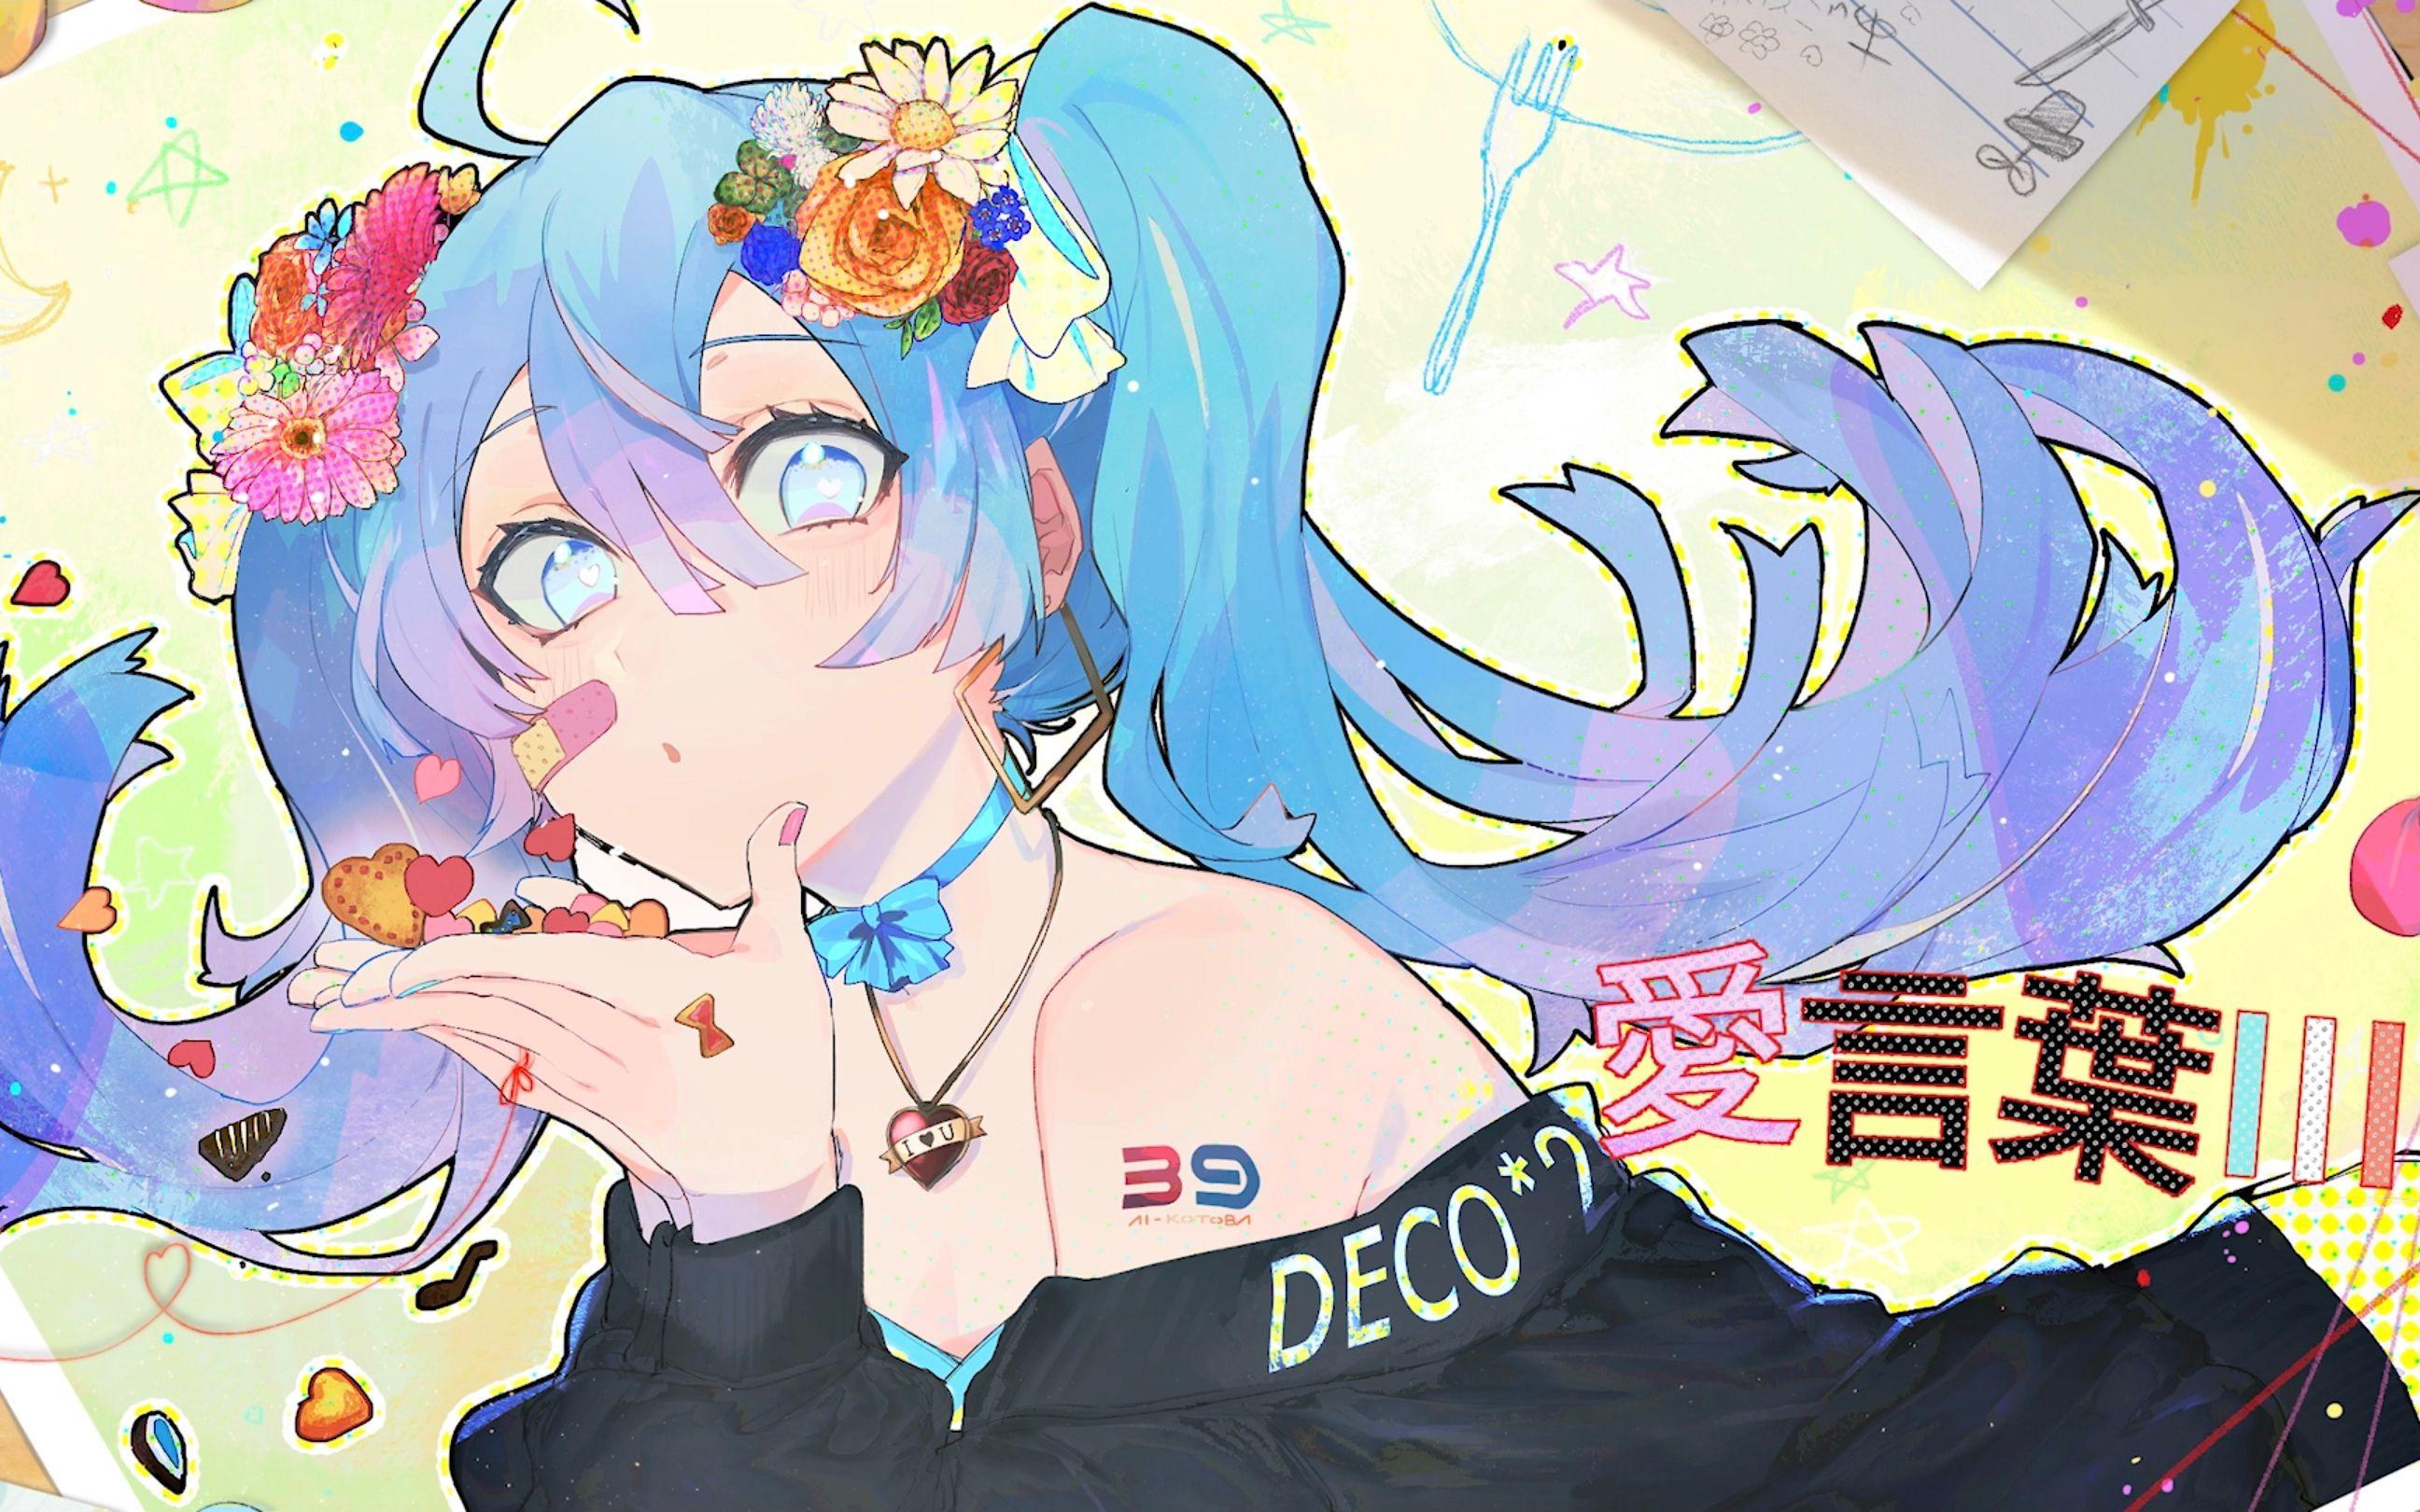 DECO*27 - 爱言叶Ⅲ feat. 初音未来